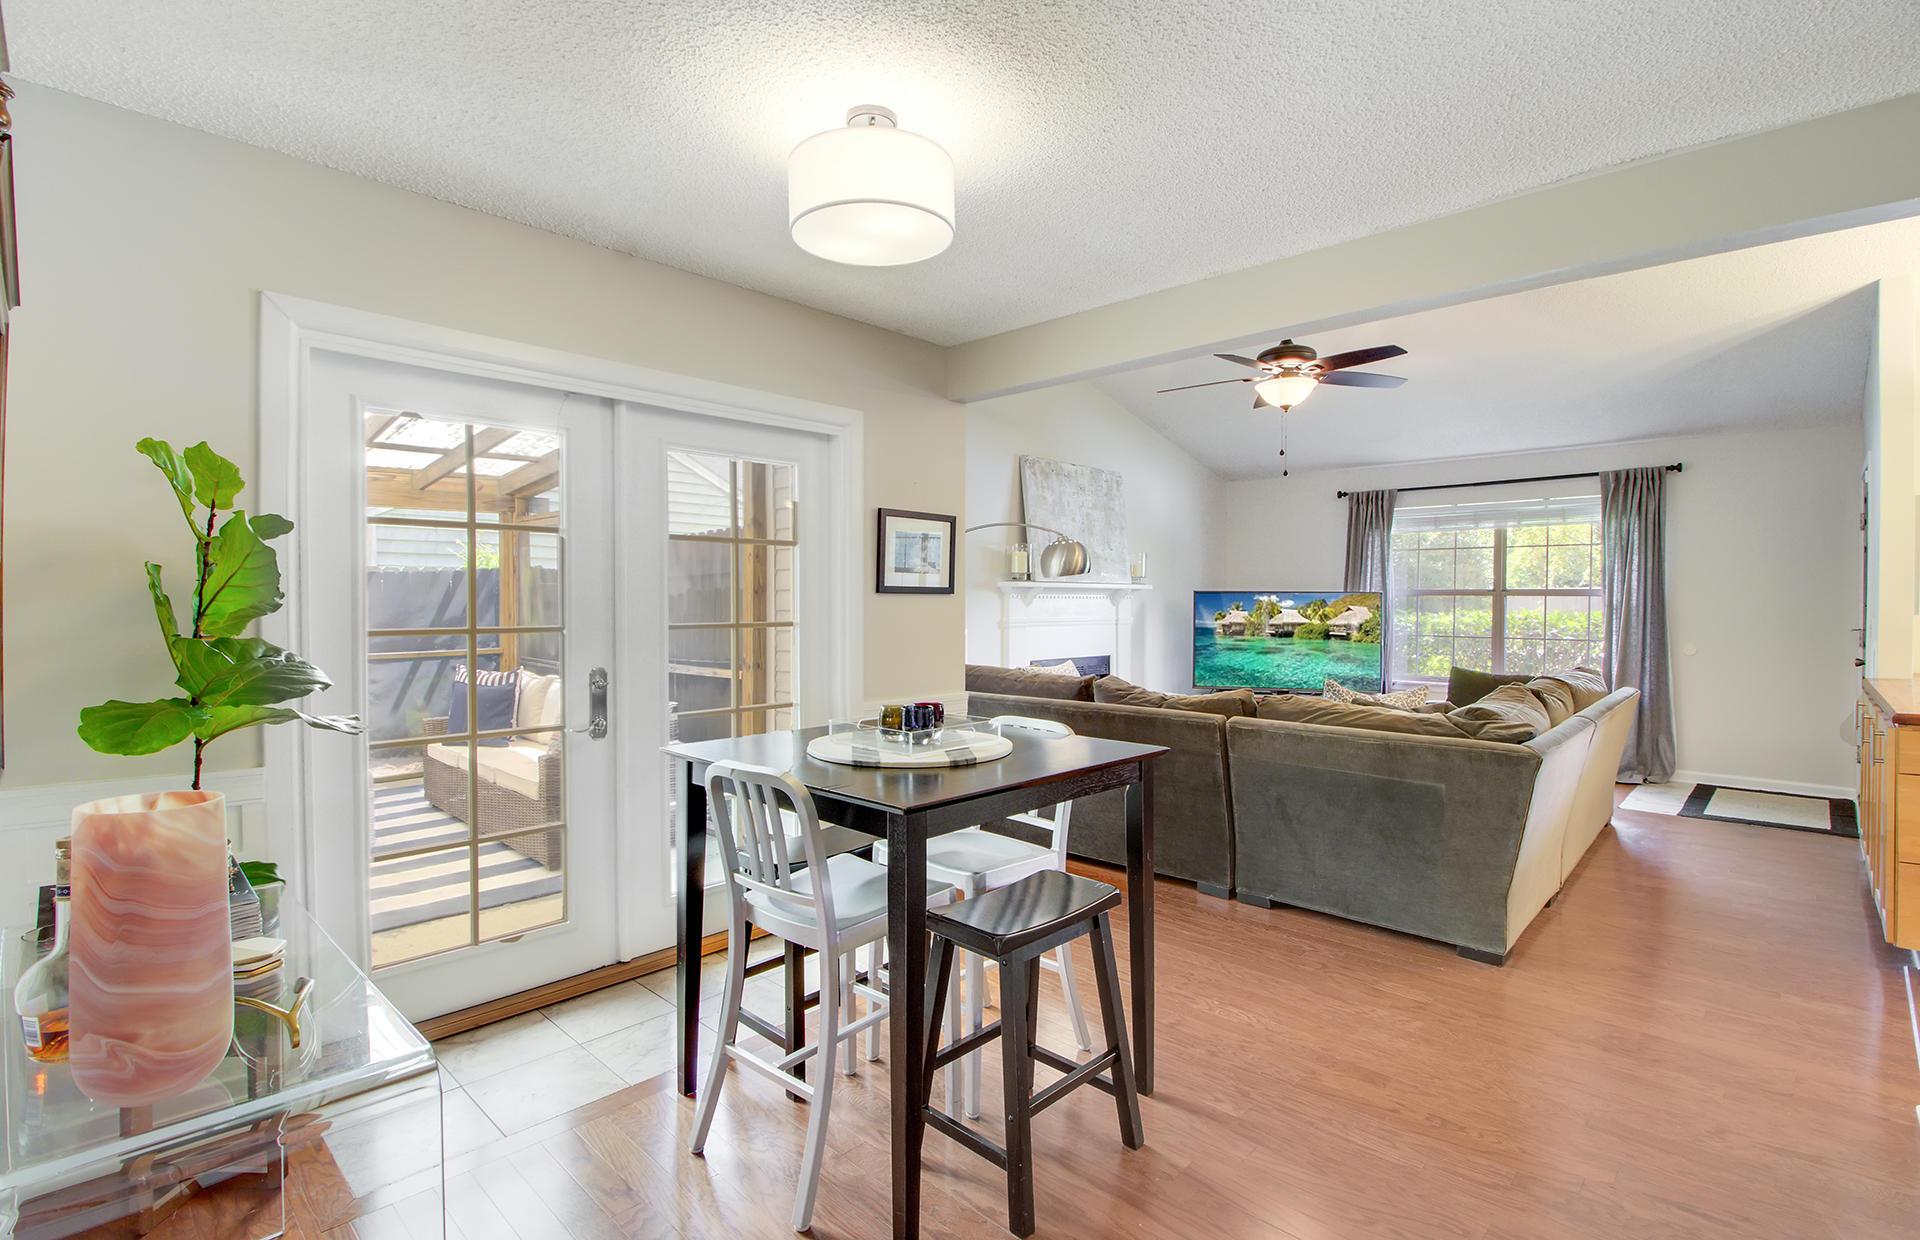 Willow Walk Homes For Sale - 1157 Oakcrest, Charleston, SC - 27